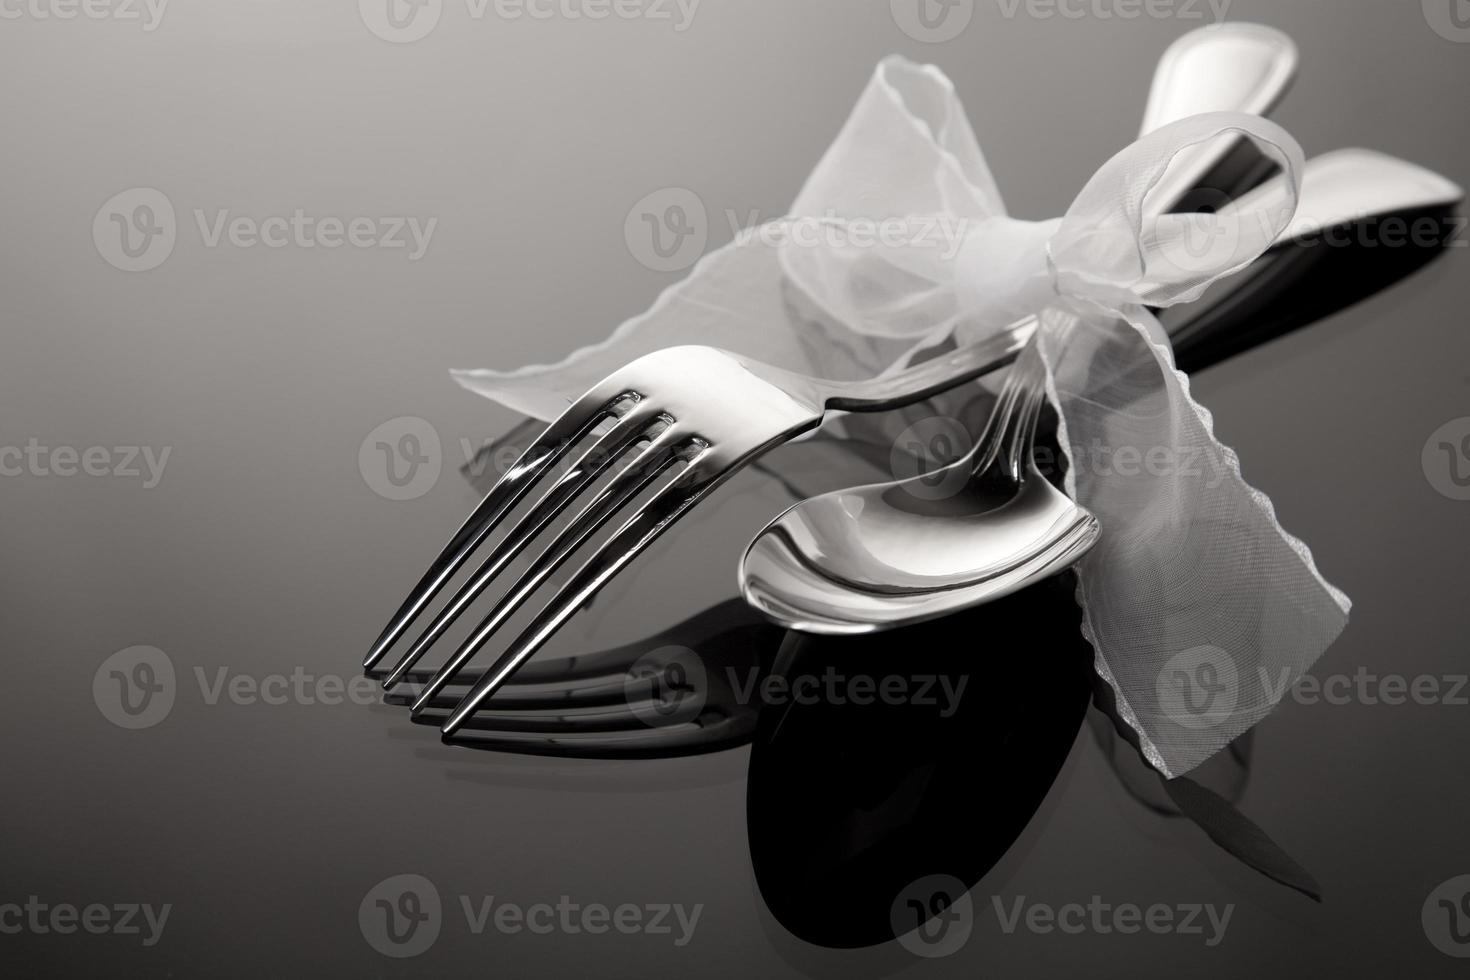 colher e garfo no padrão espelhado foto